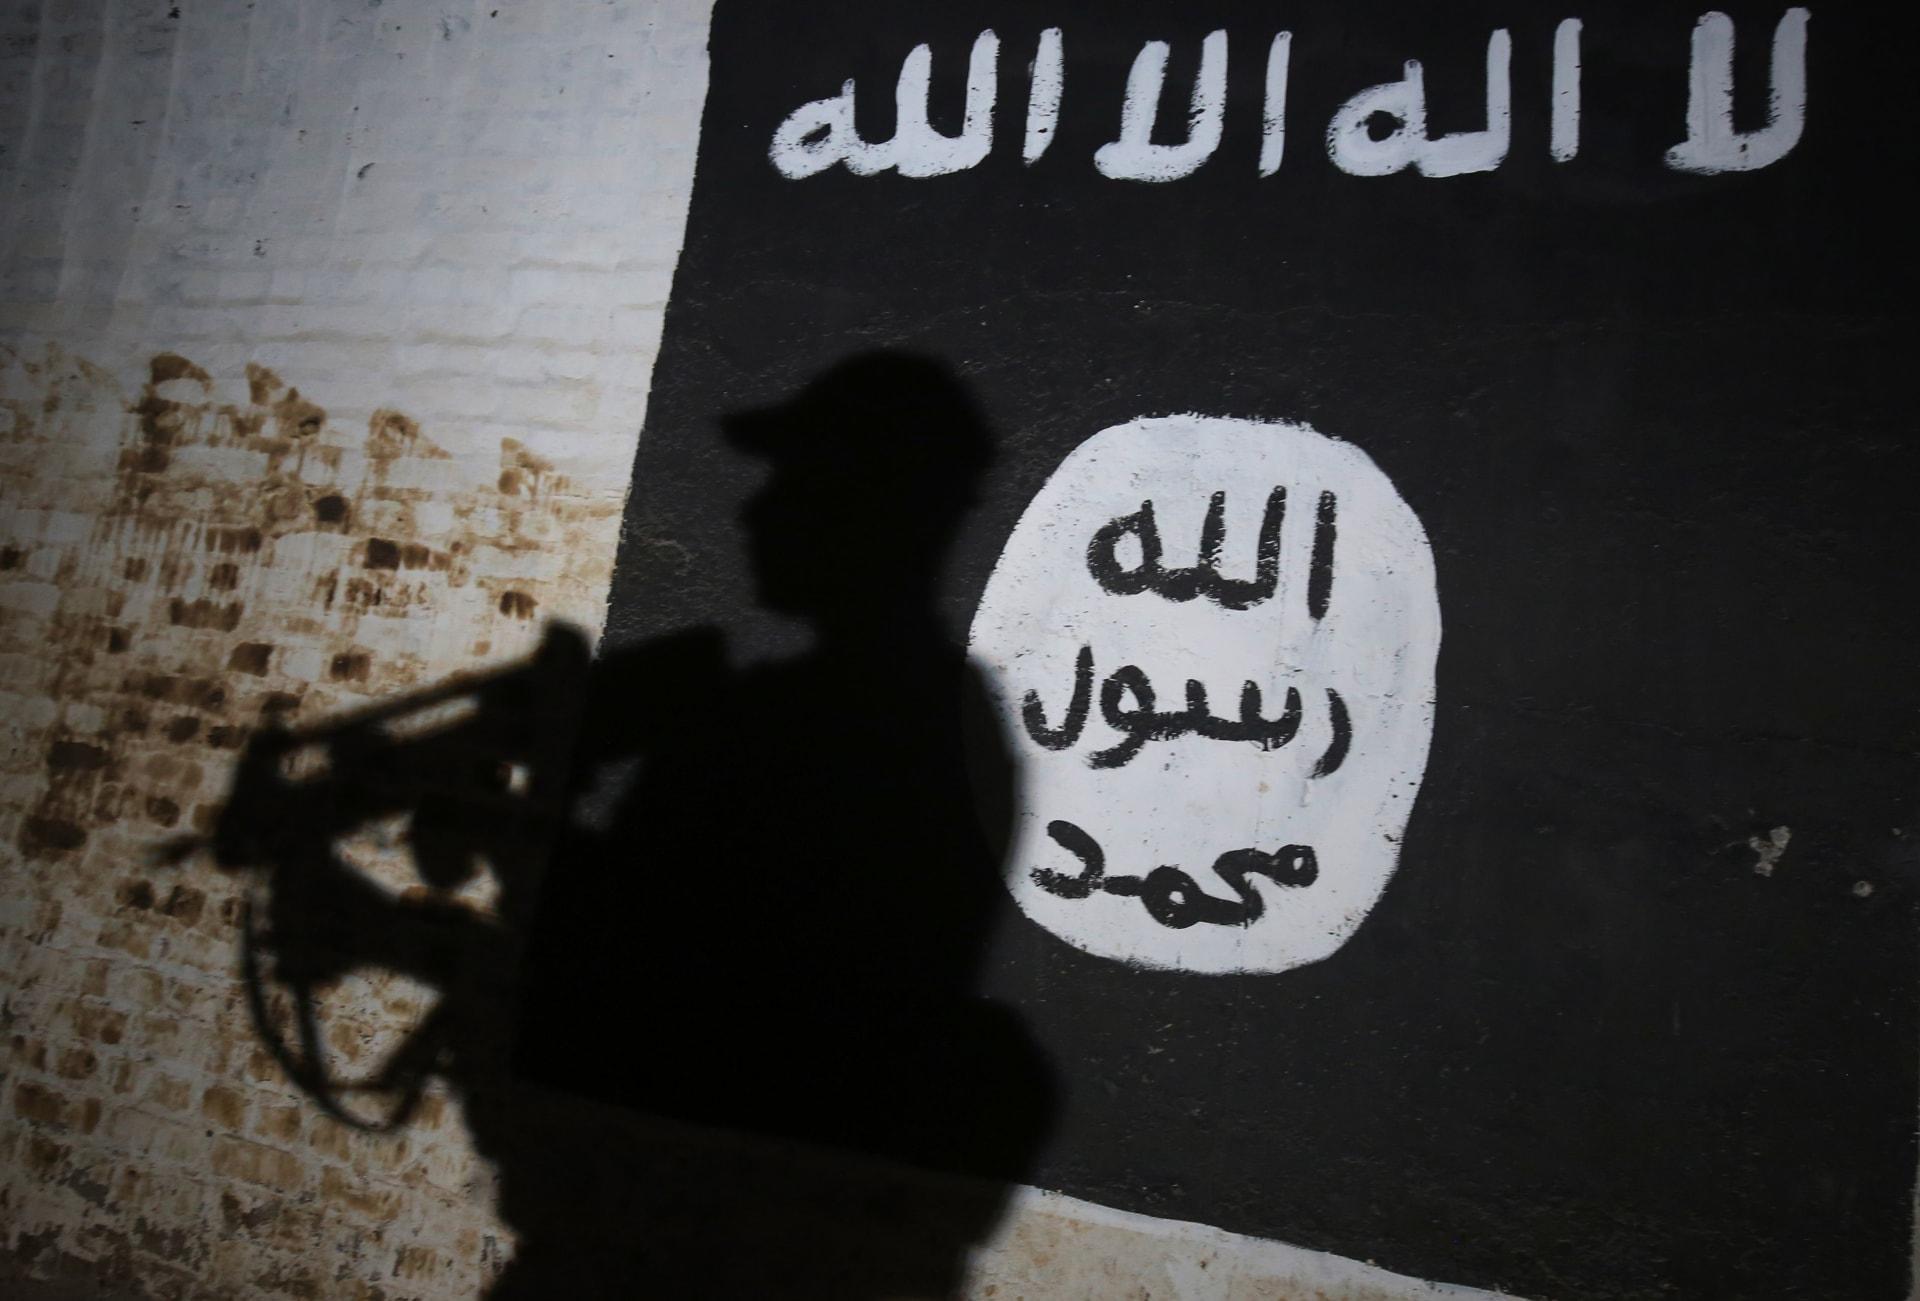 السعودية تجمد أصول 6 أسماء لأفراد ومؤسسات وتحظر التعامل معها بتهمة المساهمة بتمويل داعش